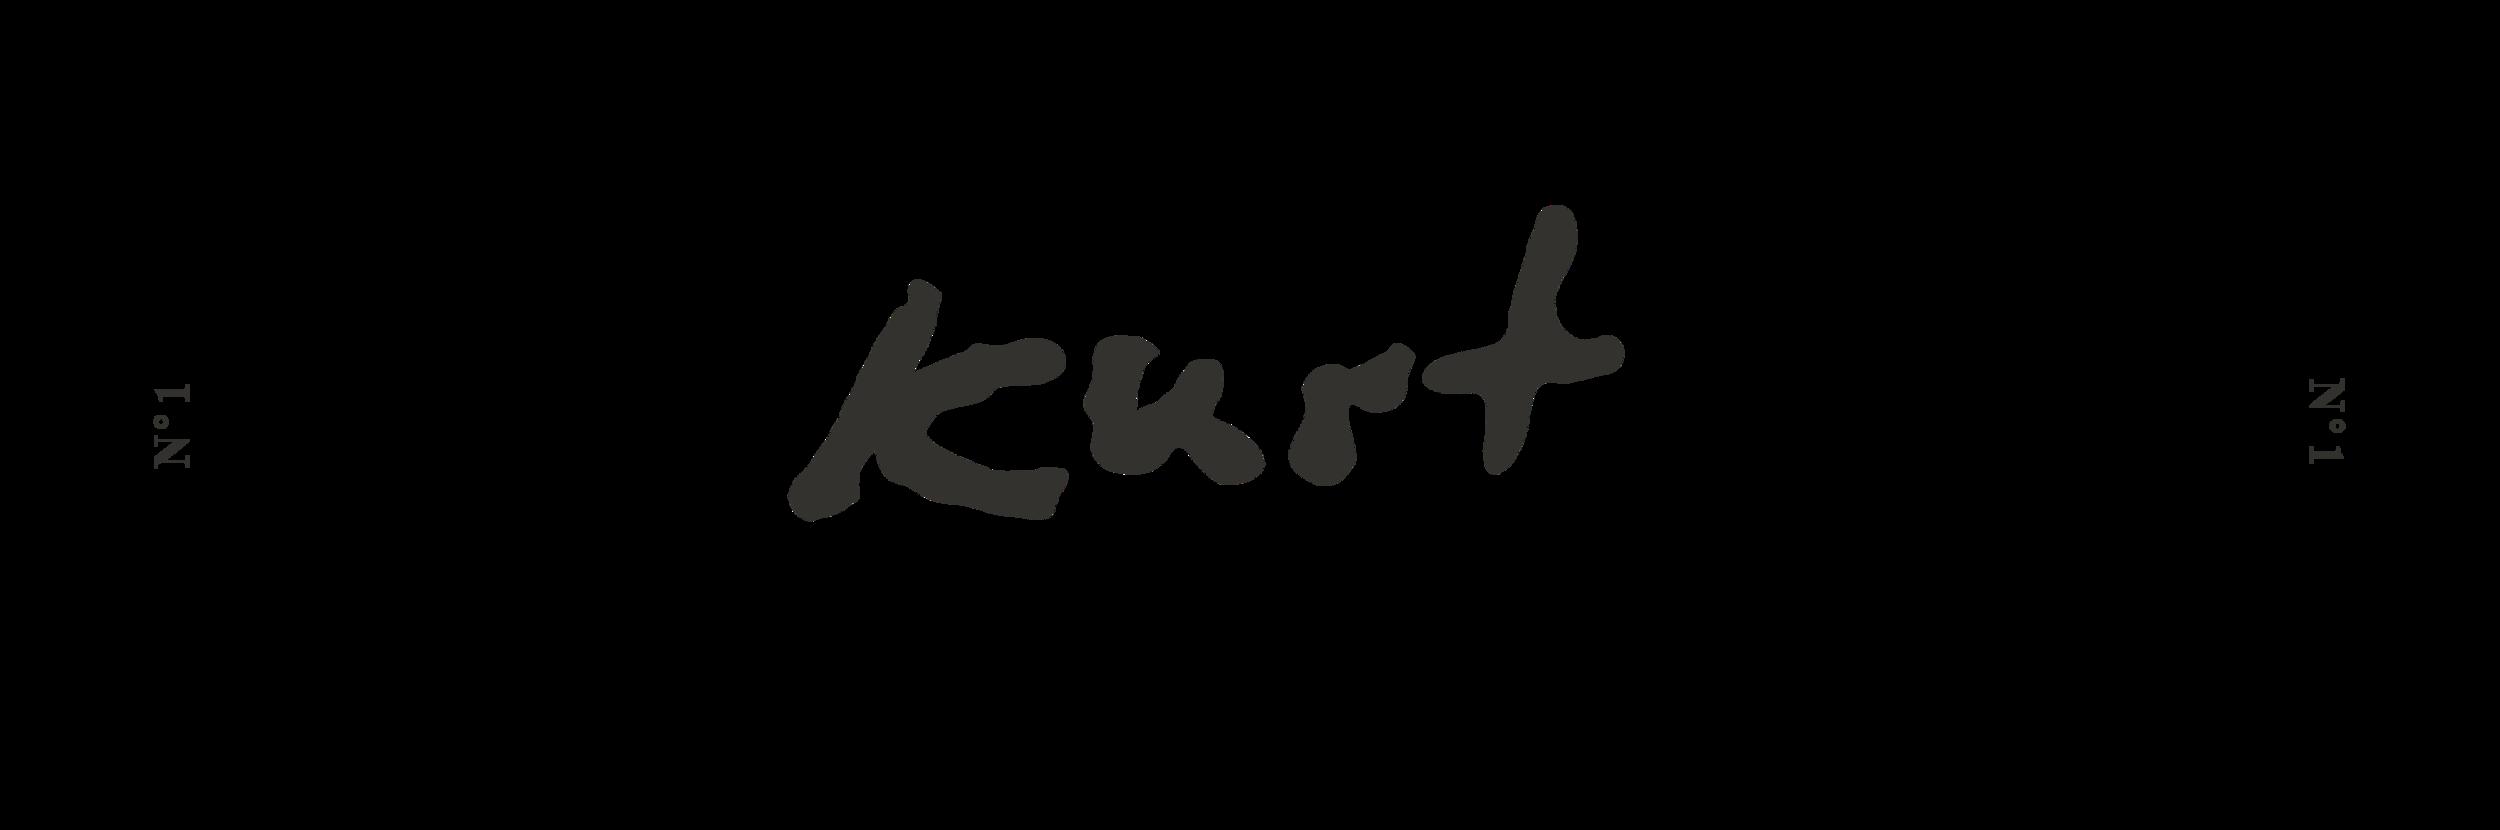 kurt_TITRES.png